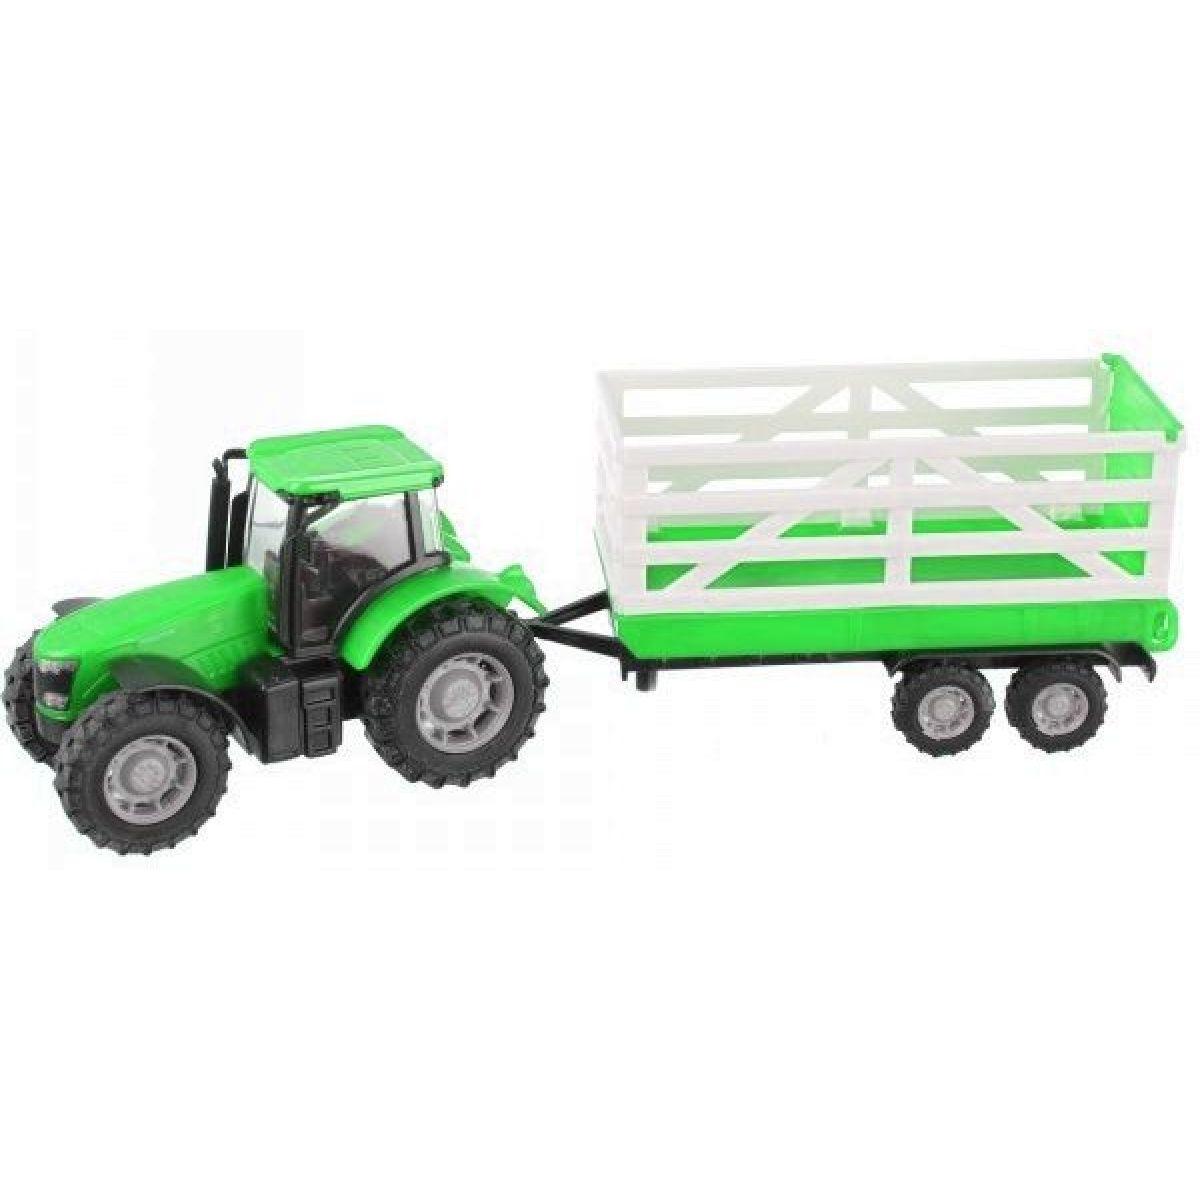 Teamsterz Traktor s prívesom - Zelený traktor s prívesom